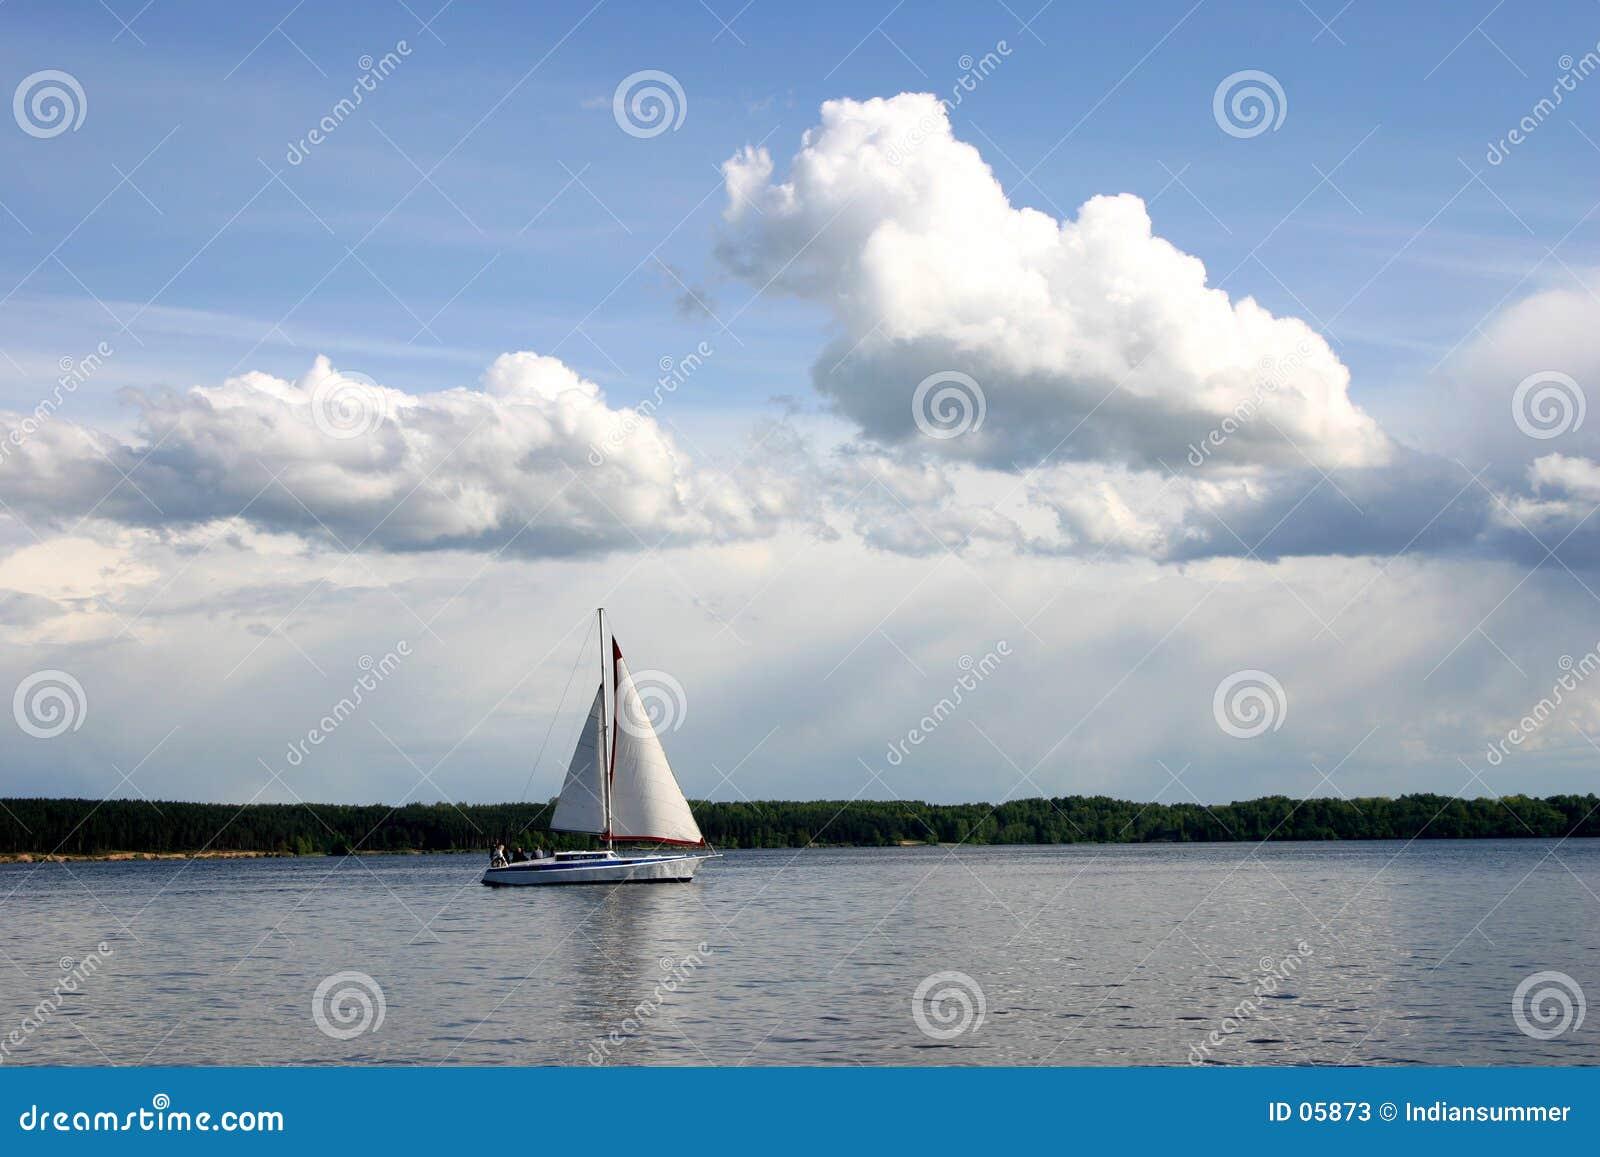 Estoy navegando?